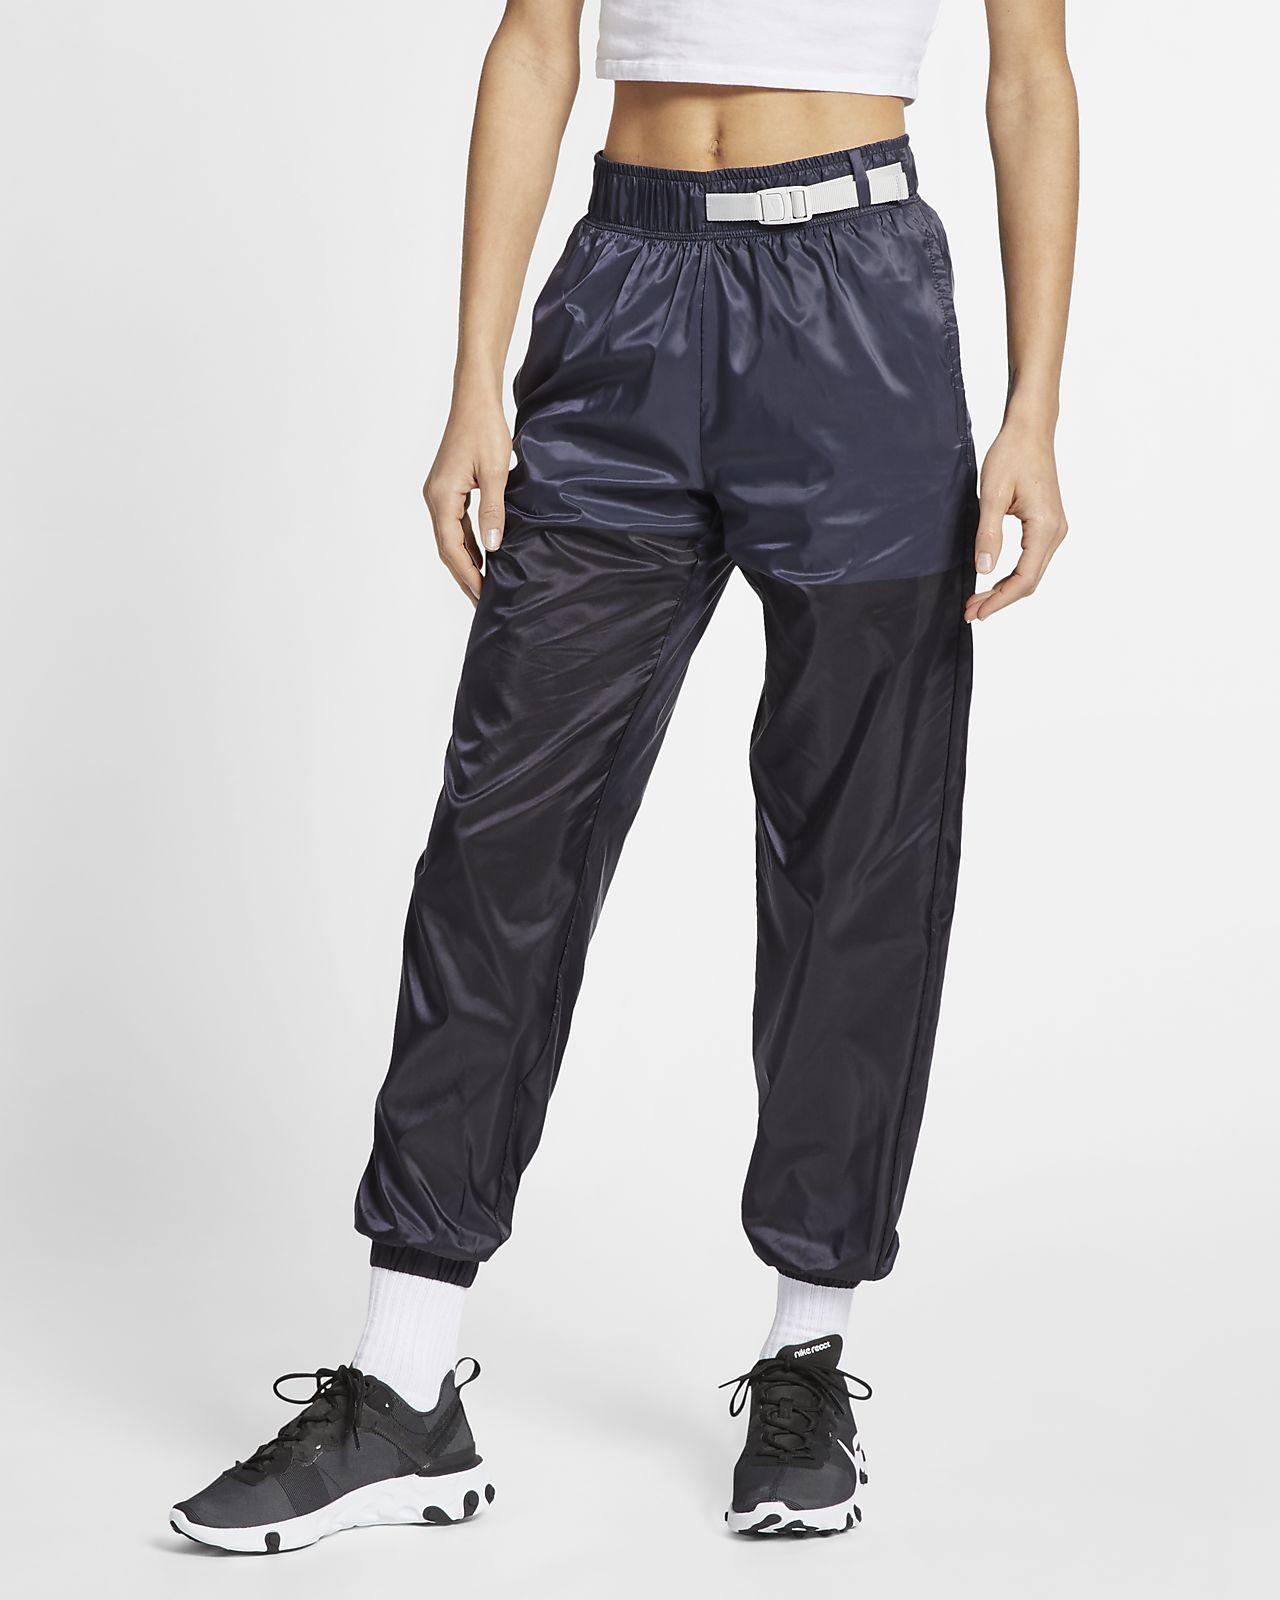 Nike Sportswear Tech Pack Women's Woven Pants